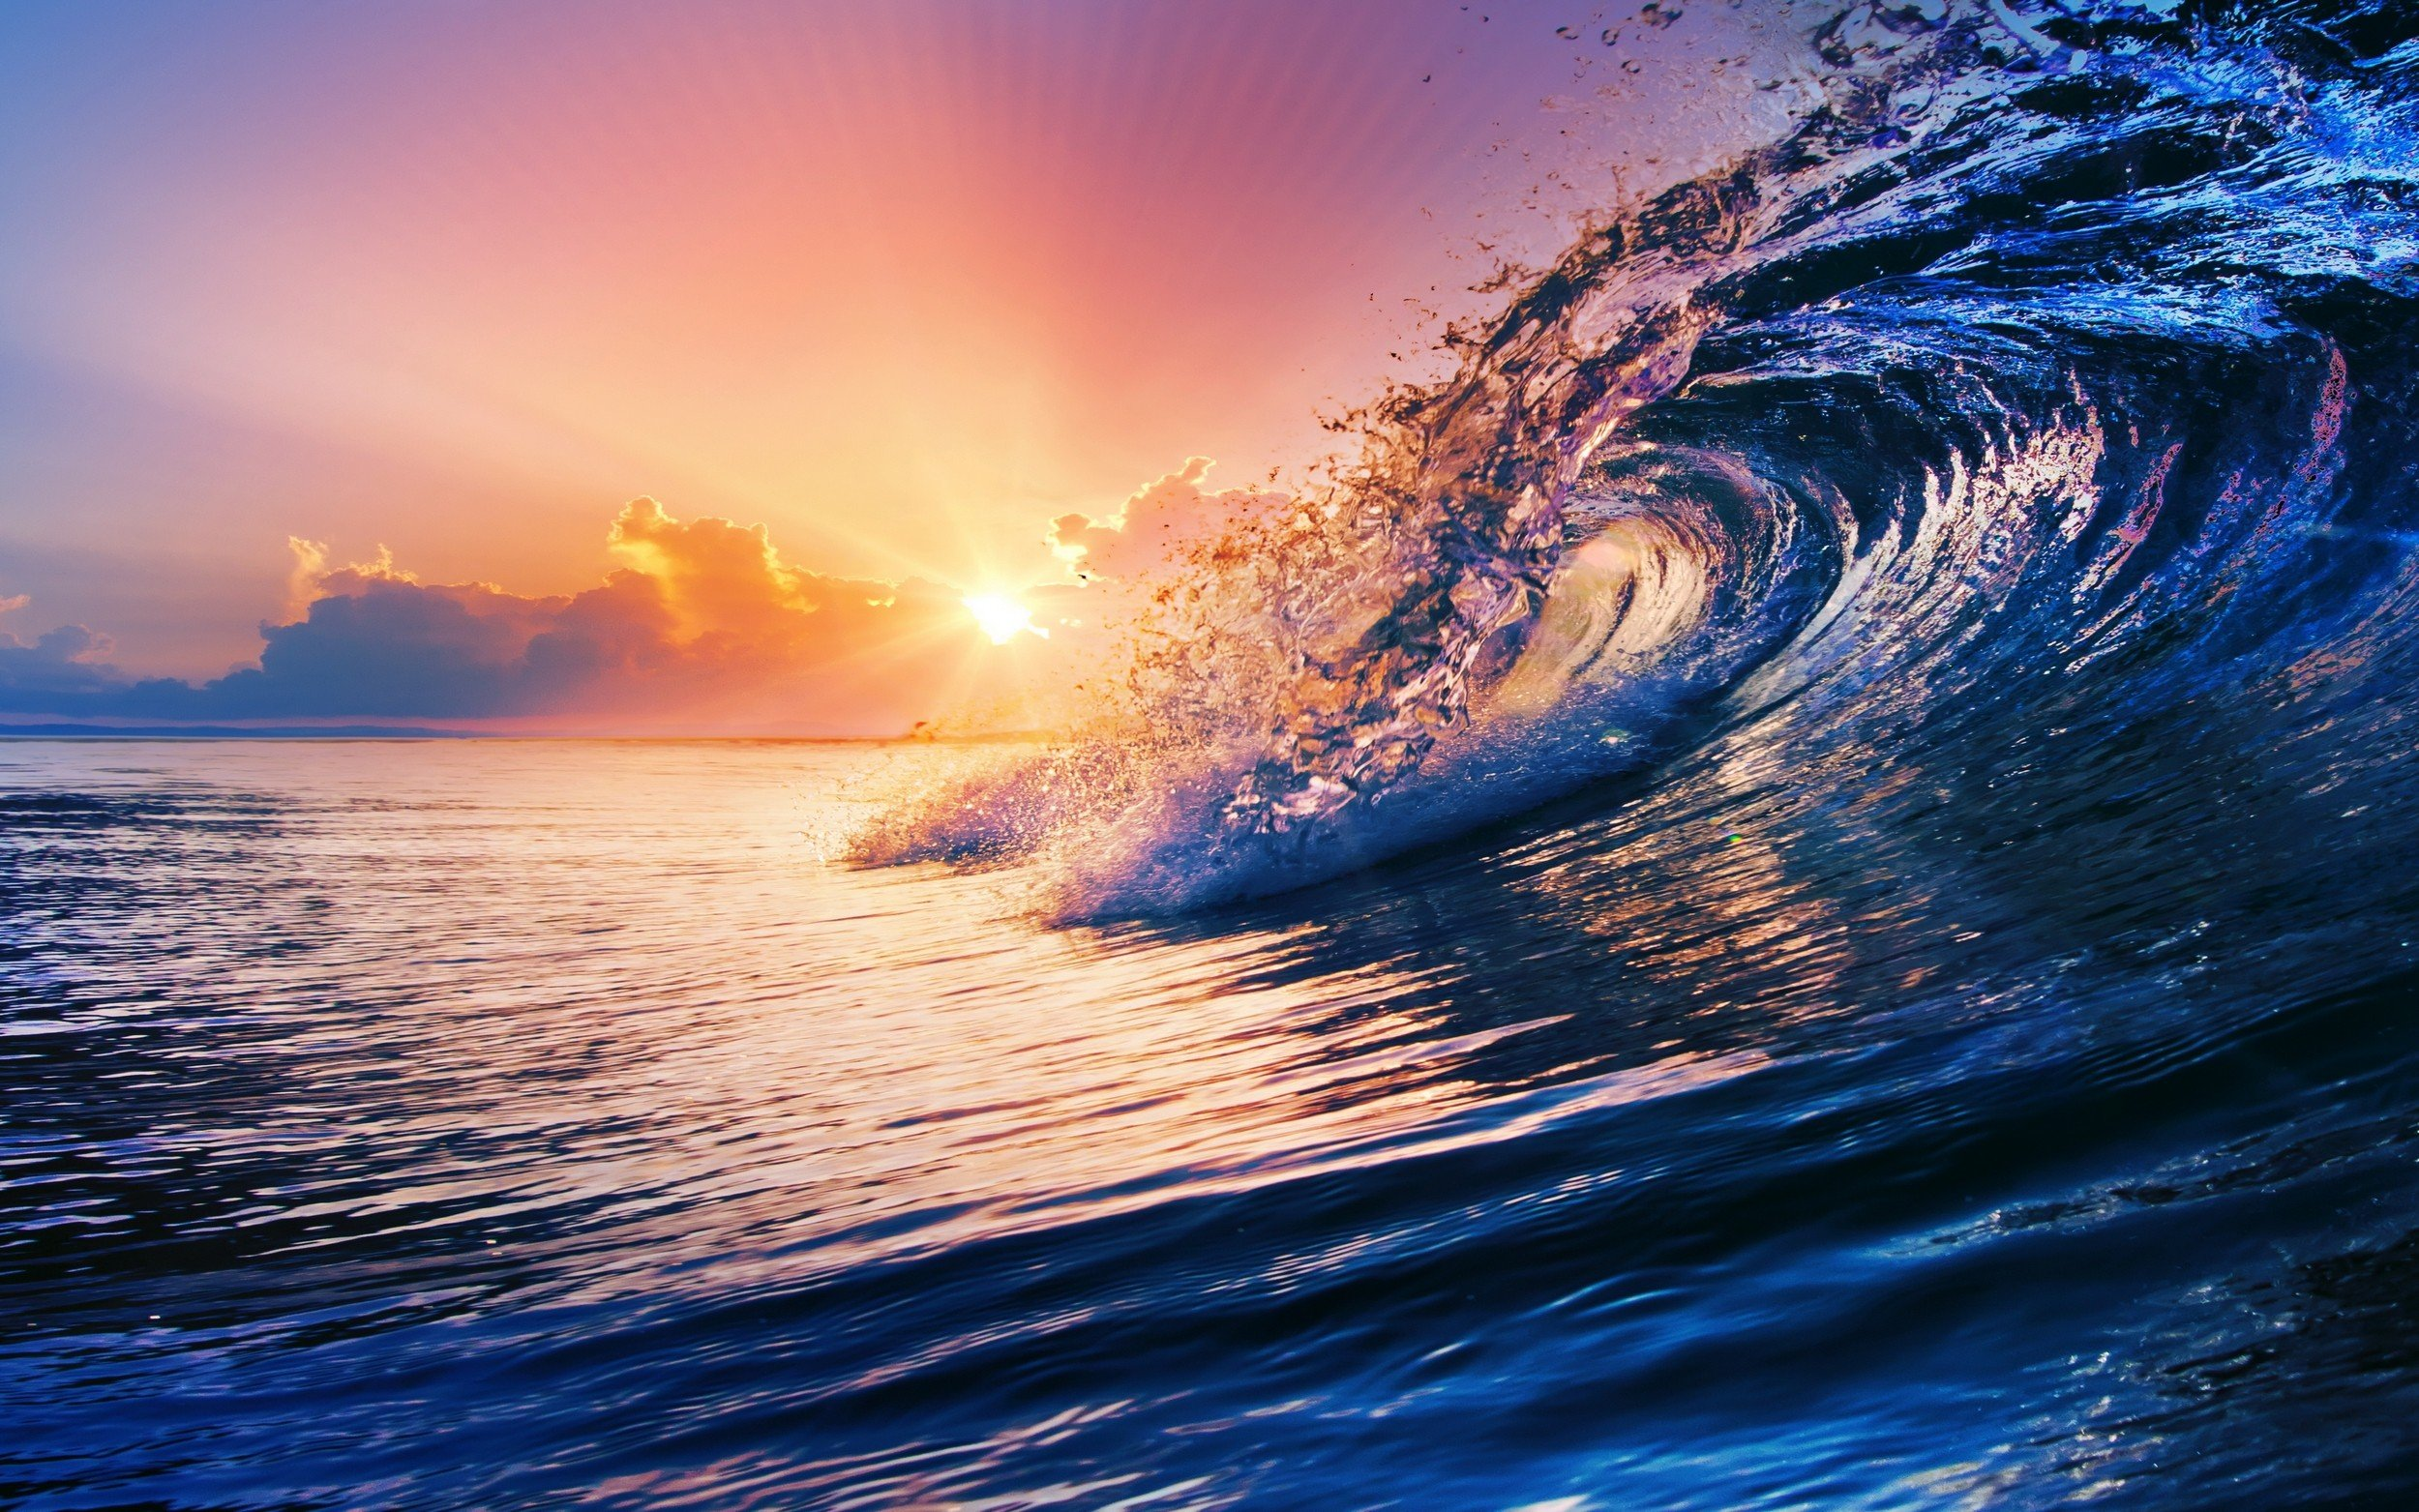 Мировой океан бьет рекорды. Температура растет ужасающими темпами